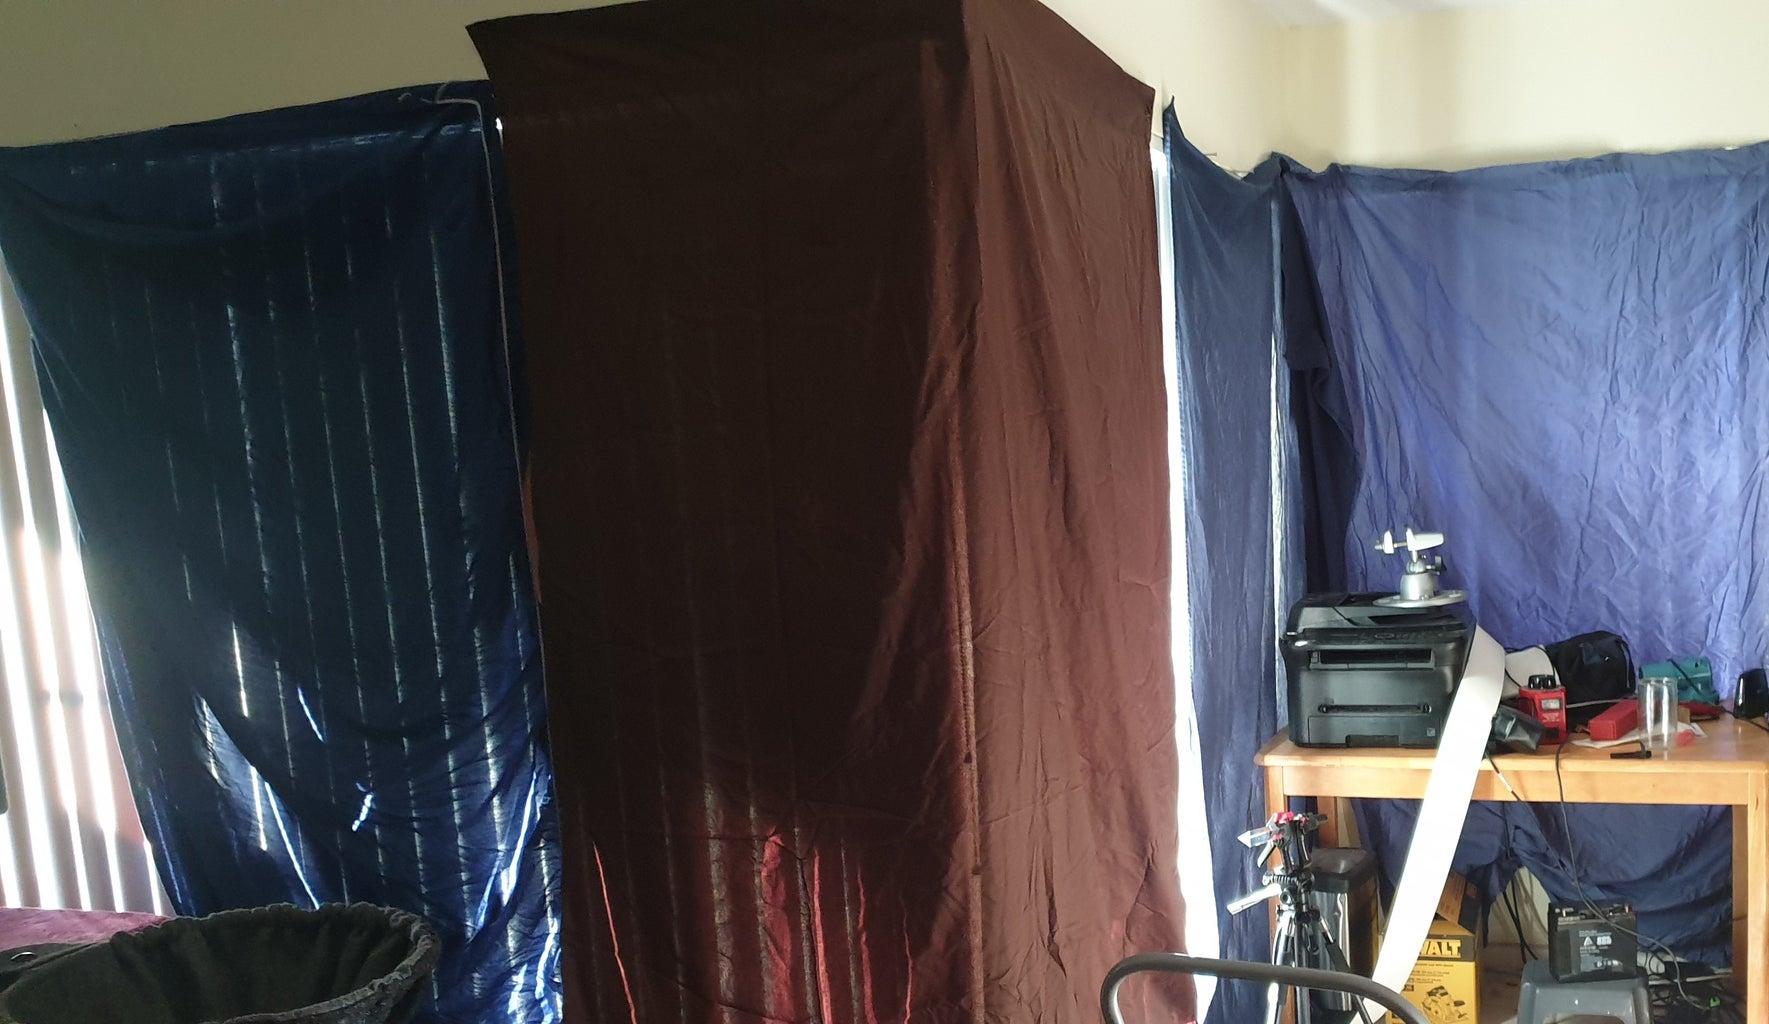 Step 1: Darken the Room